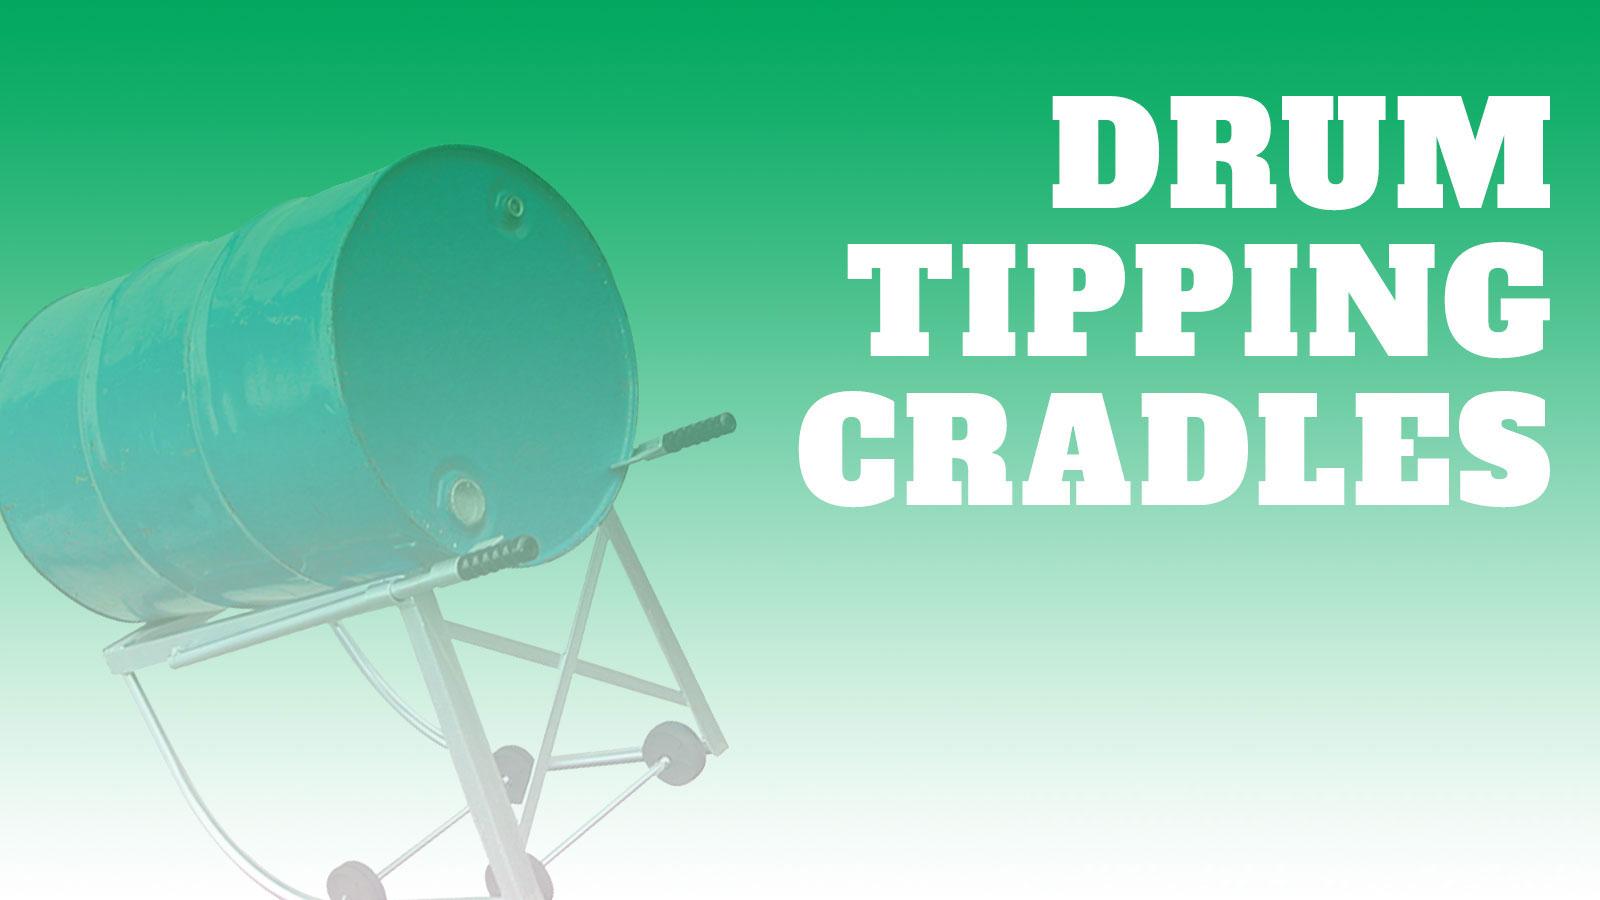 DrumHandling-Cradles